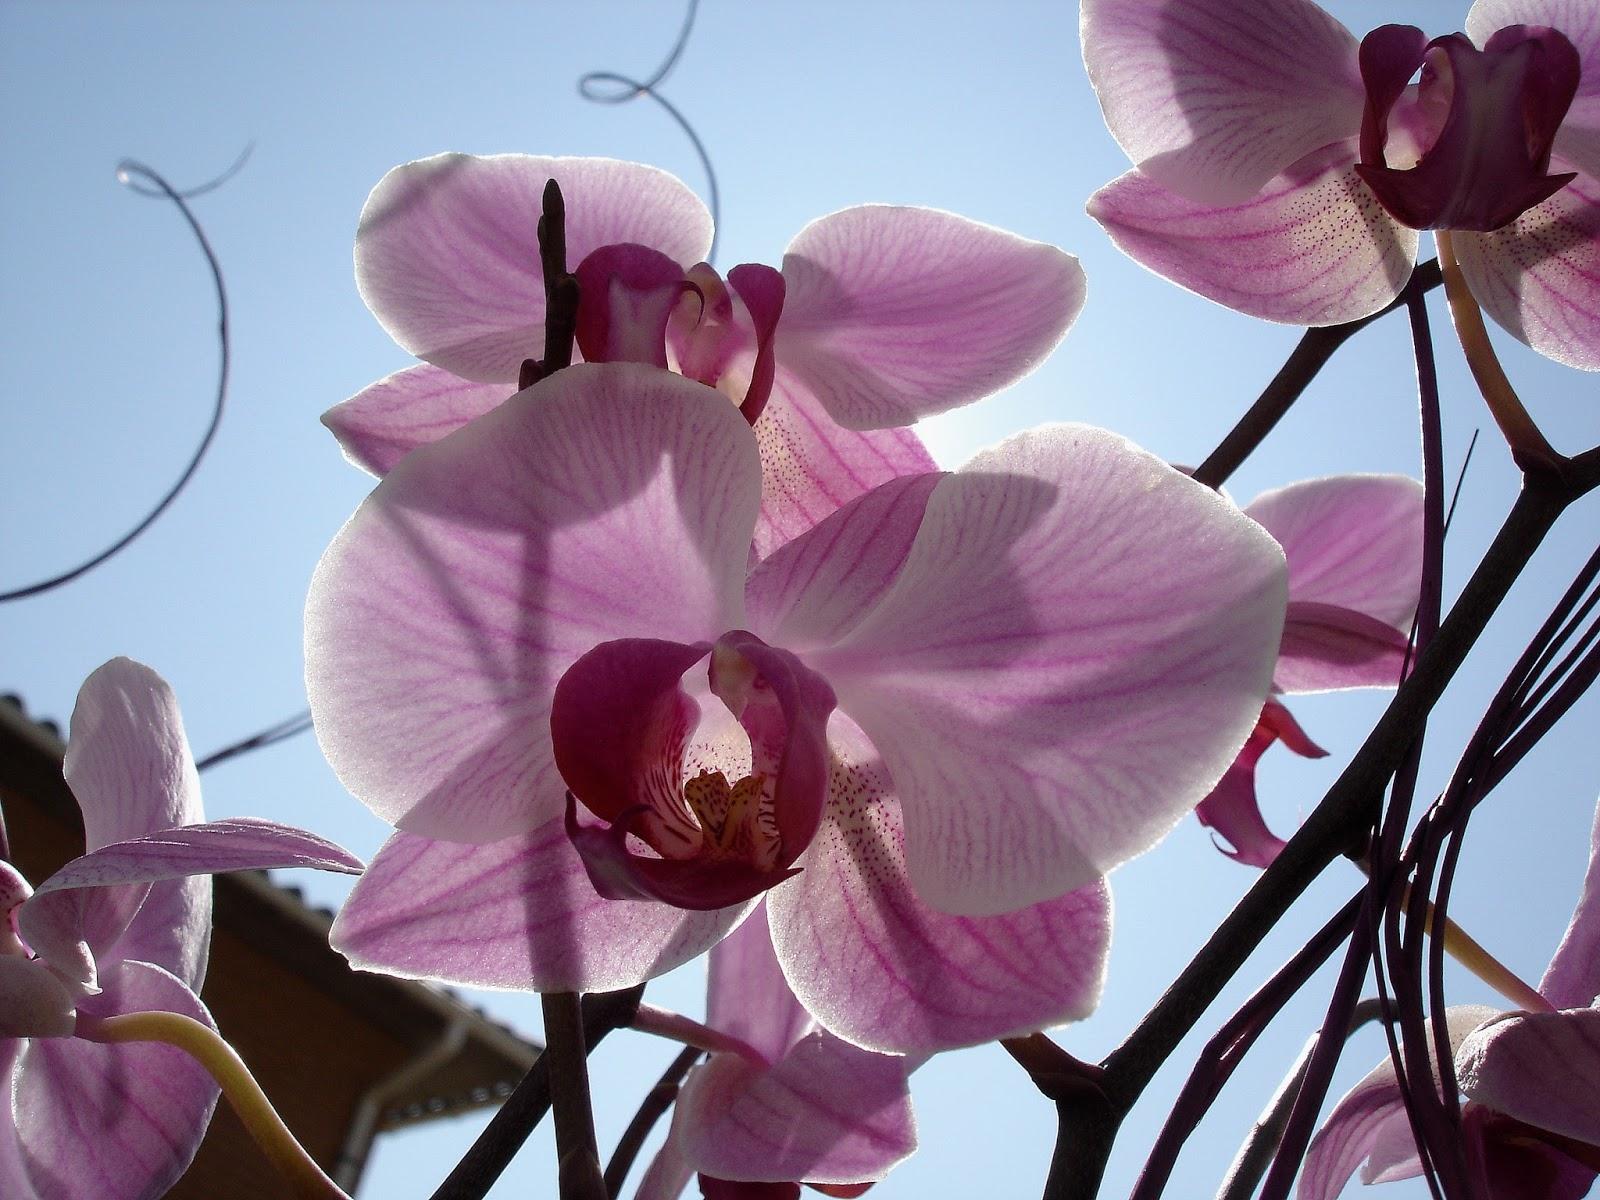 Orquídeas ao sol, ilustra a seção sobre textos das linhas de Tung Jen / Comunidade com os Homens, um dos 64 hexagramas do I Ching, o Livro das Mutações